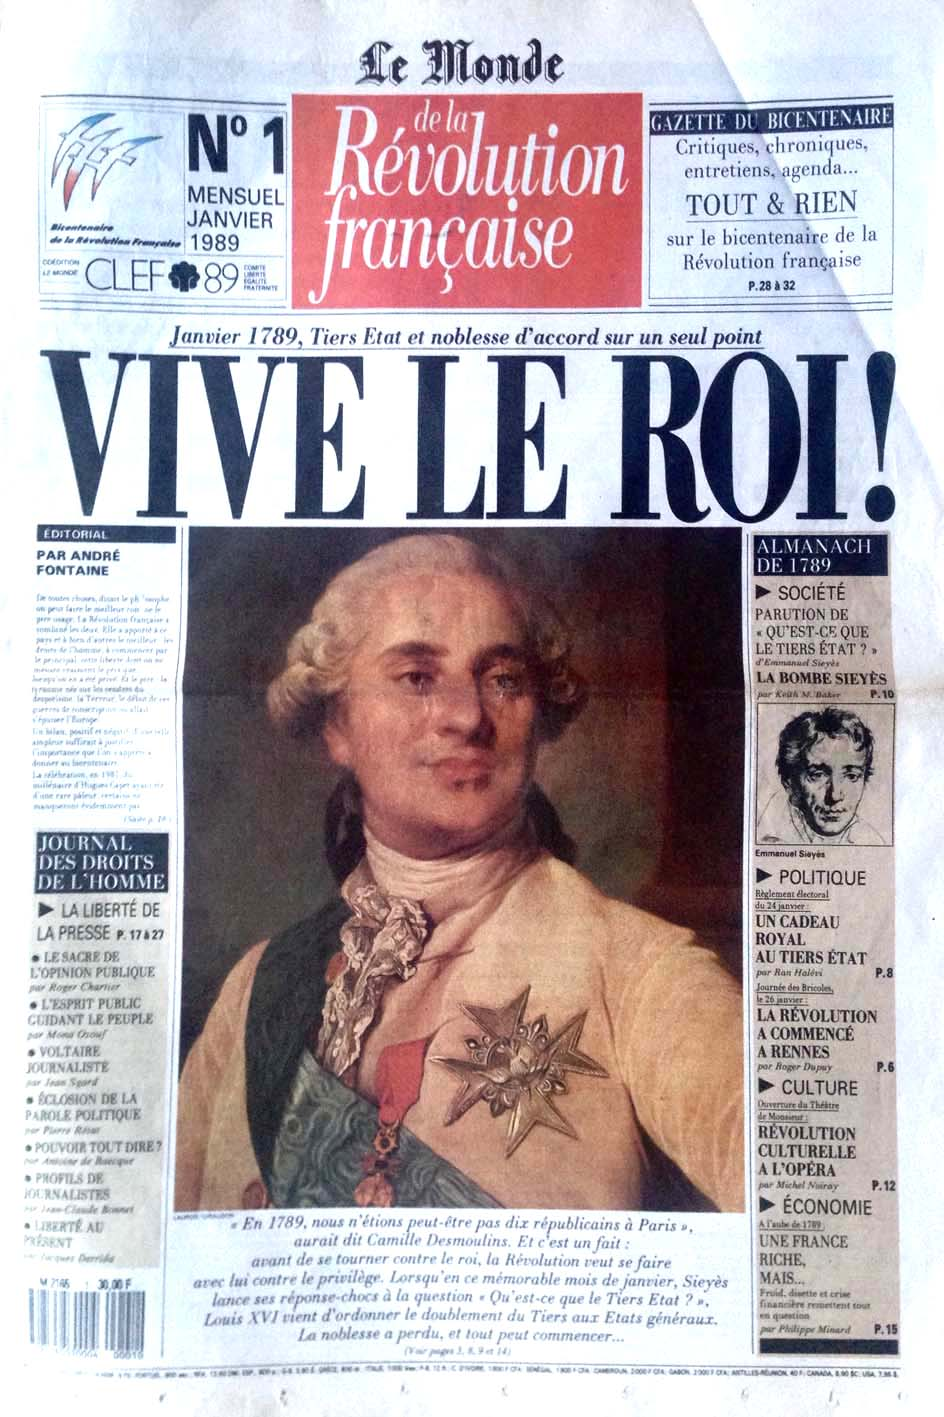 Giornale di Radio Revolution Française N°1